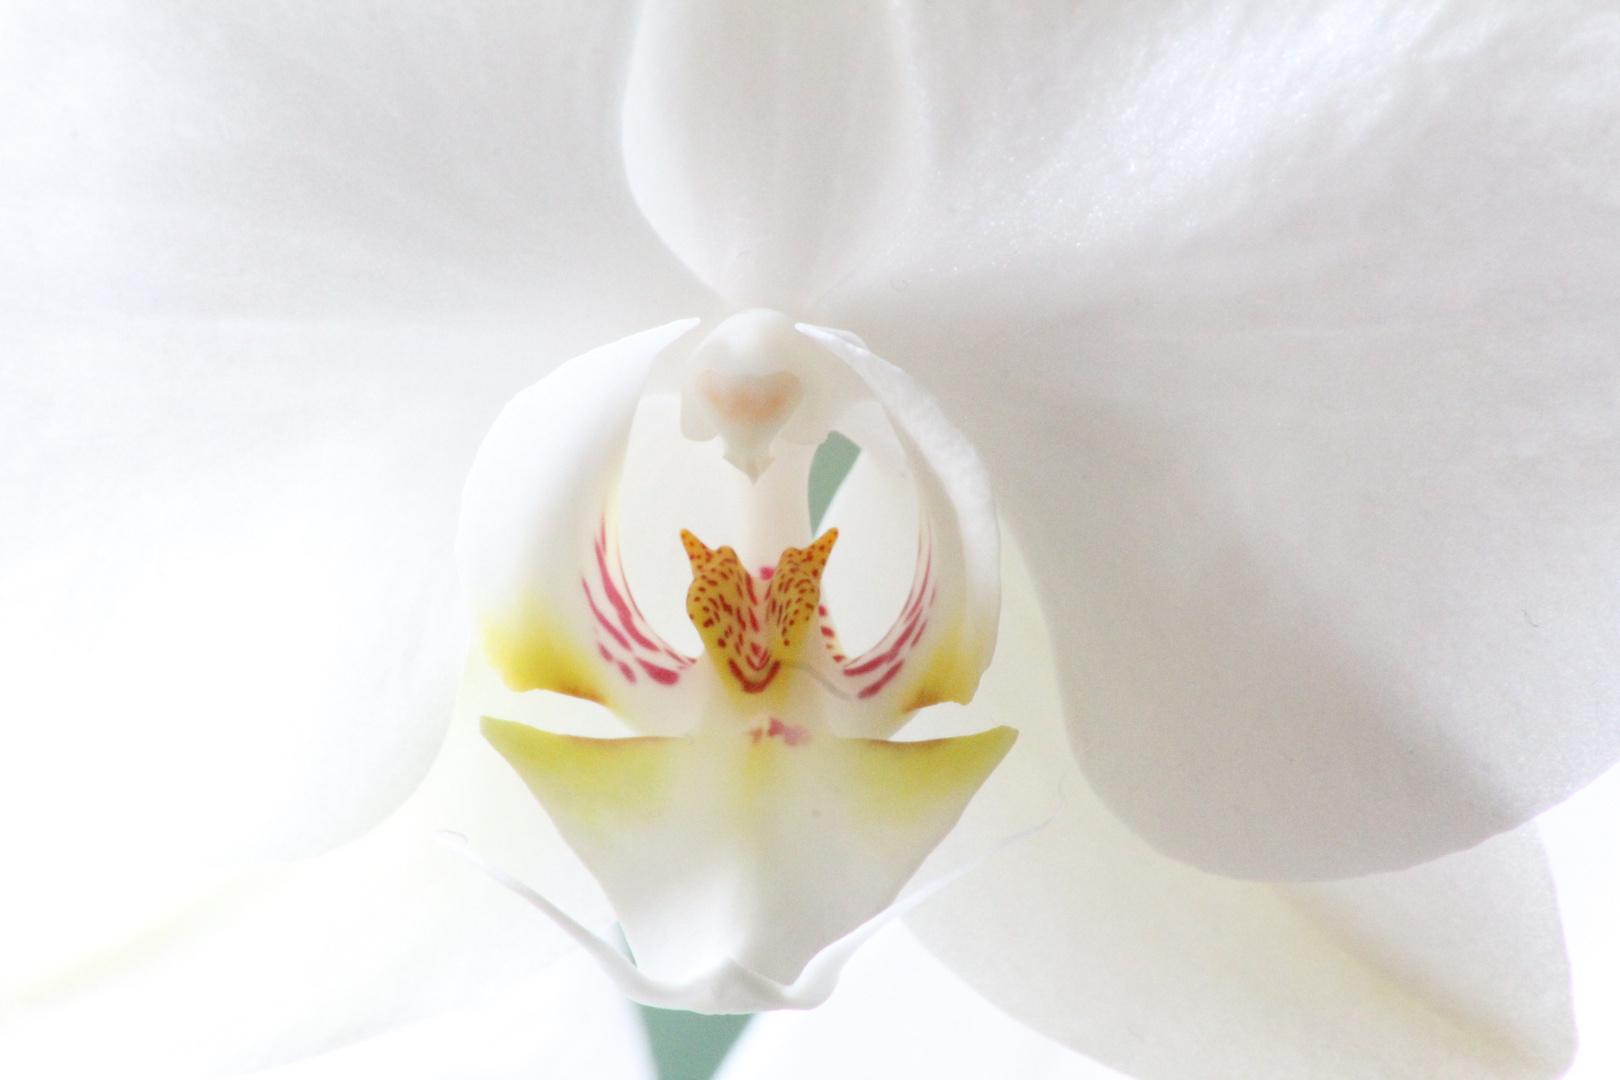 Das Wesen in der Blume!